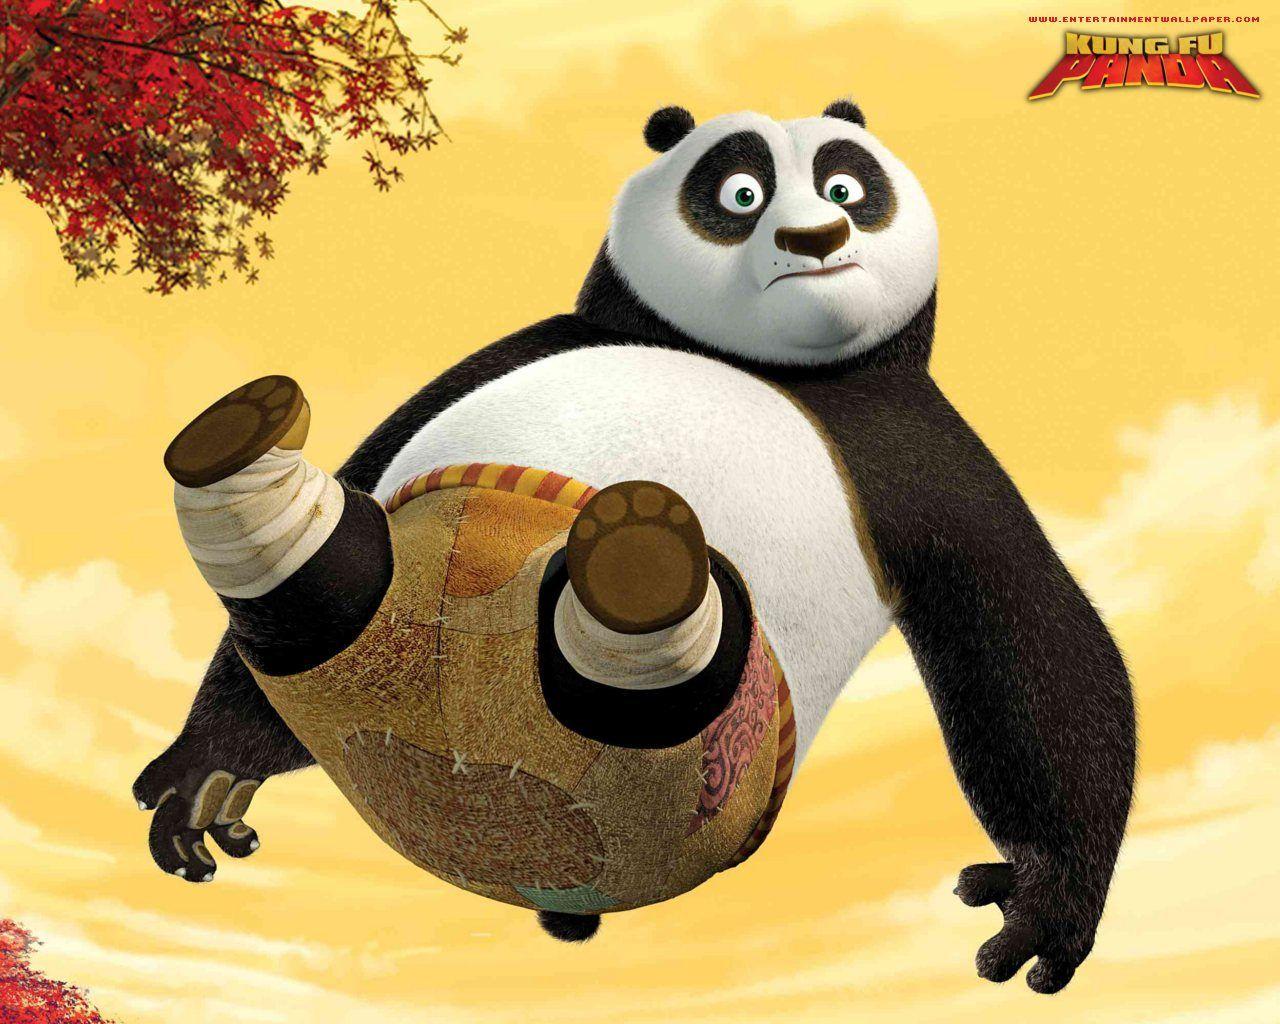 Мультик конфу панда